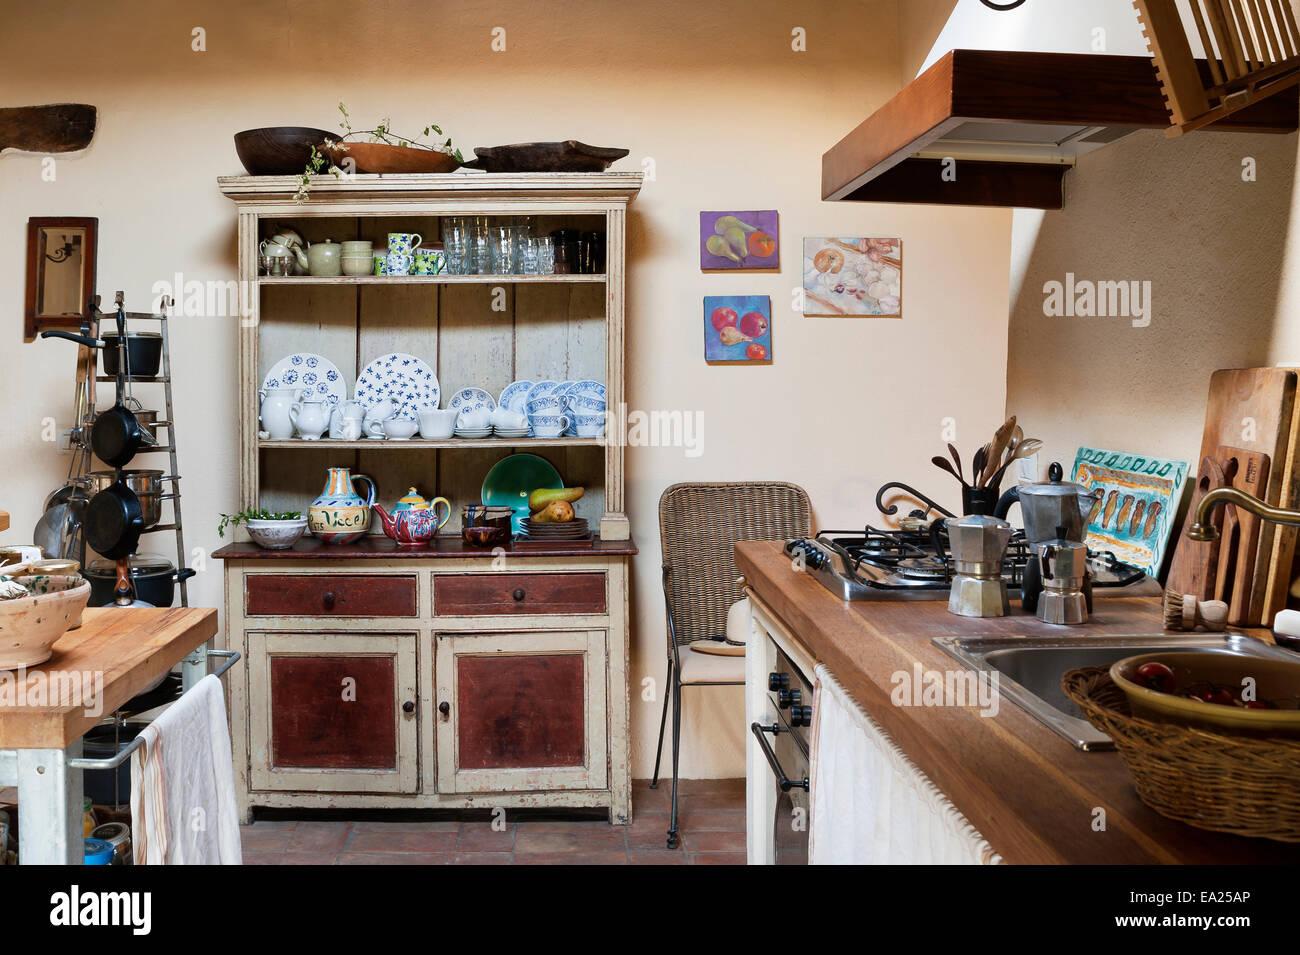 Commode de style ferme rustique de pays en cuisine avec vaisselle